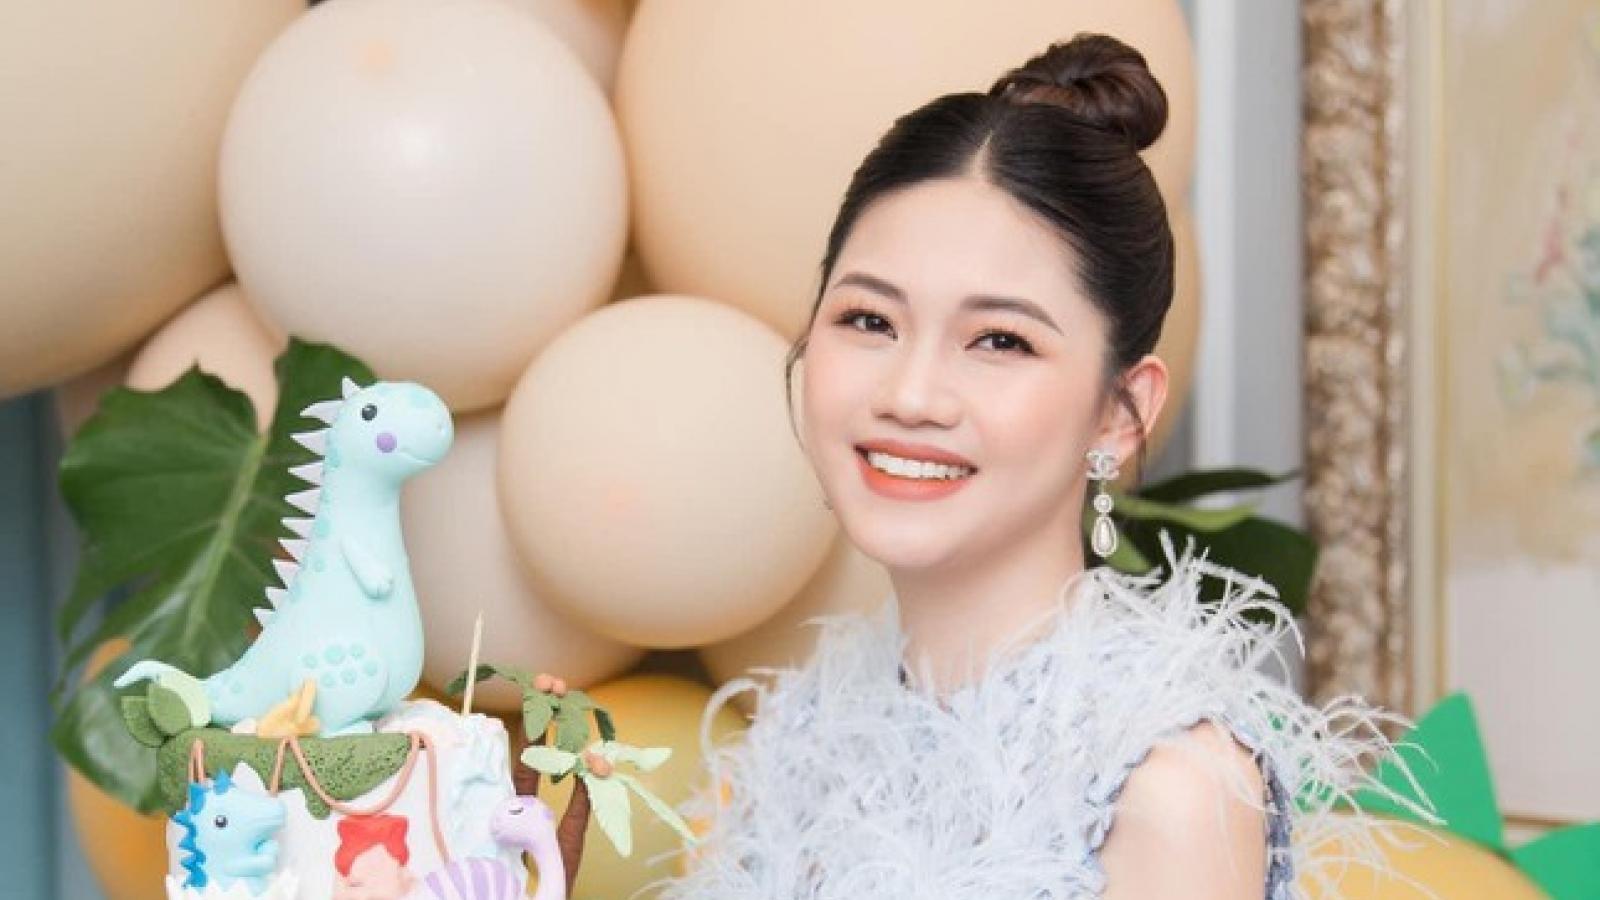 Á hậu Thanh Tú và chồng đại gia tổ chức tiệc sinh nhật cho con trai